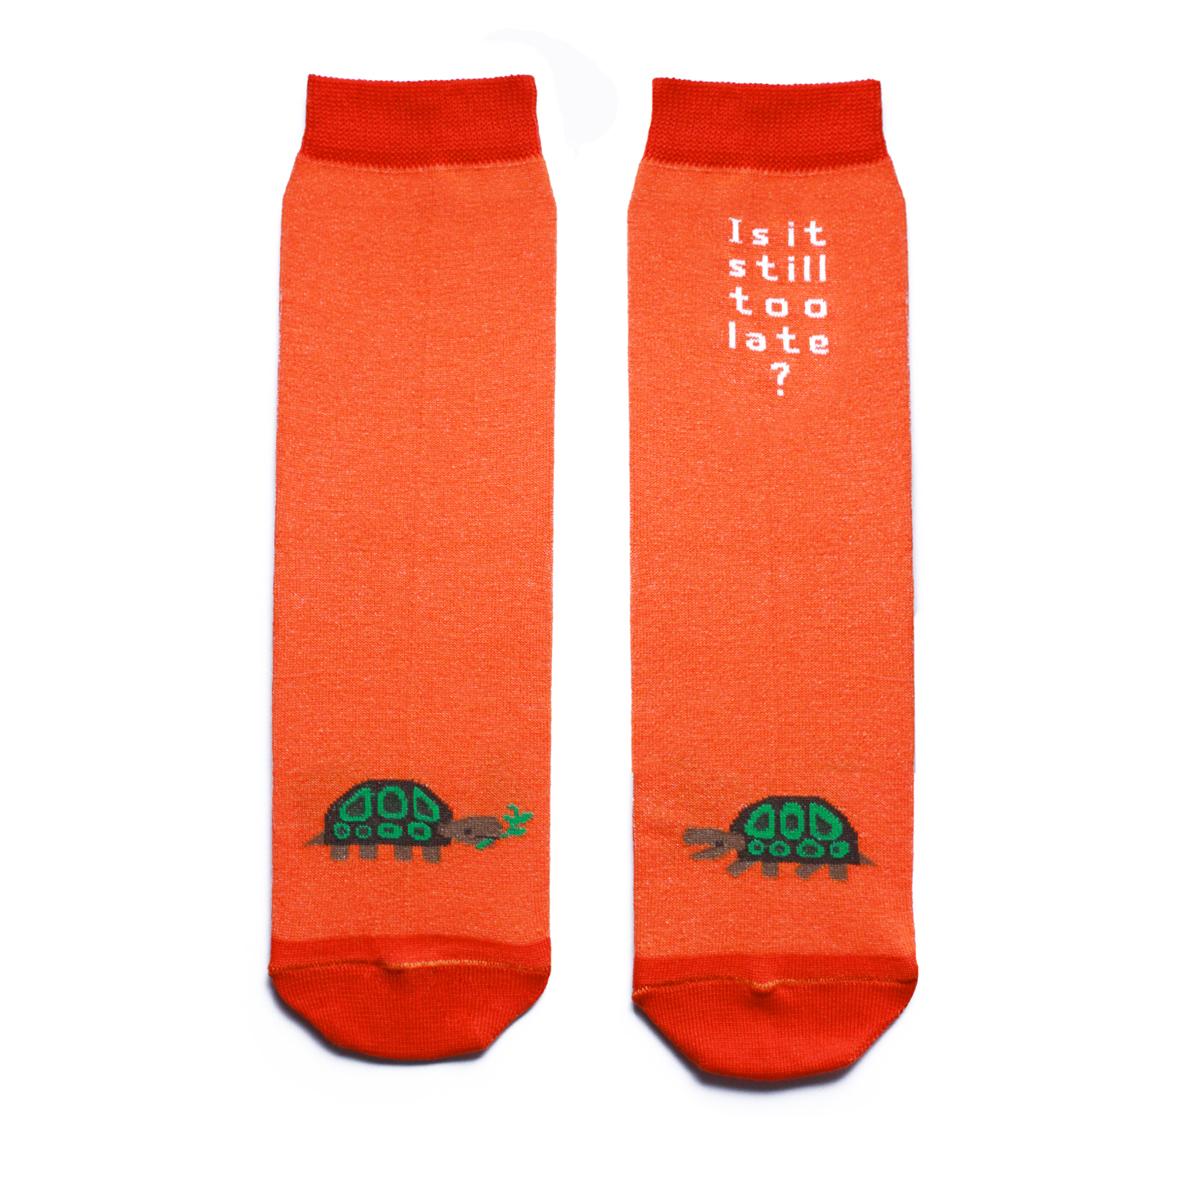 Носкиca1521Яркие женские носки Big Bang Socks изготовлены из высококачественного хлопка с добавлением полиамидных и эластановых волокон, которые обеспечивают великолепную посадку. Носки отличаются ярким стильным дизайном, они оформлены изображением черепахи и надписью: Is it still too late?. Удобная резинка идеально облегает ногу и не пережимает сосуды, усиленные пятка и мысок повышают износоустойчивость носка, а удлиненный паголенок придает более эстетичный вид. Дизайнерские носки Big Bang Socks - яркая деталь в вашем образе и оригинальный подарок для друзей и близких.